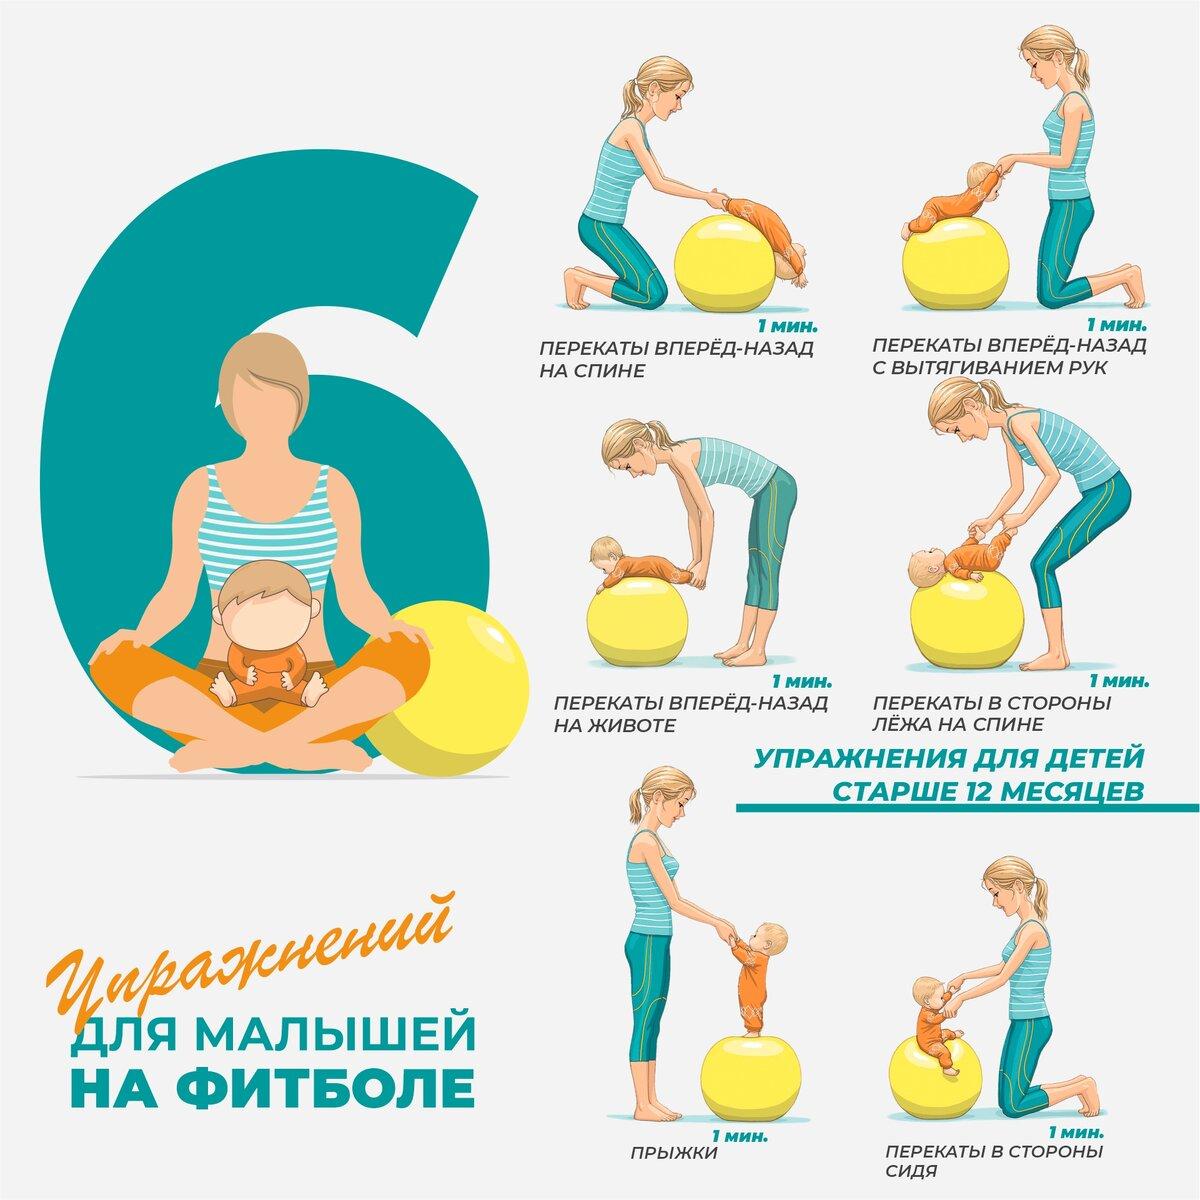 Упражнения на фитболе для грудничков: гимнастика на мяче в 2-3 месяца и для новорожденных, особенности в 4-6 месяцев